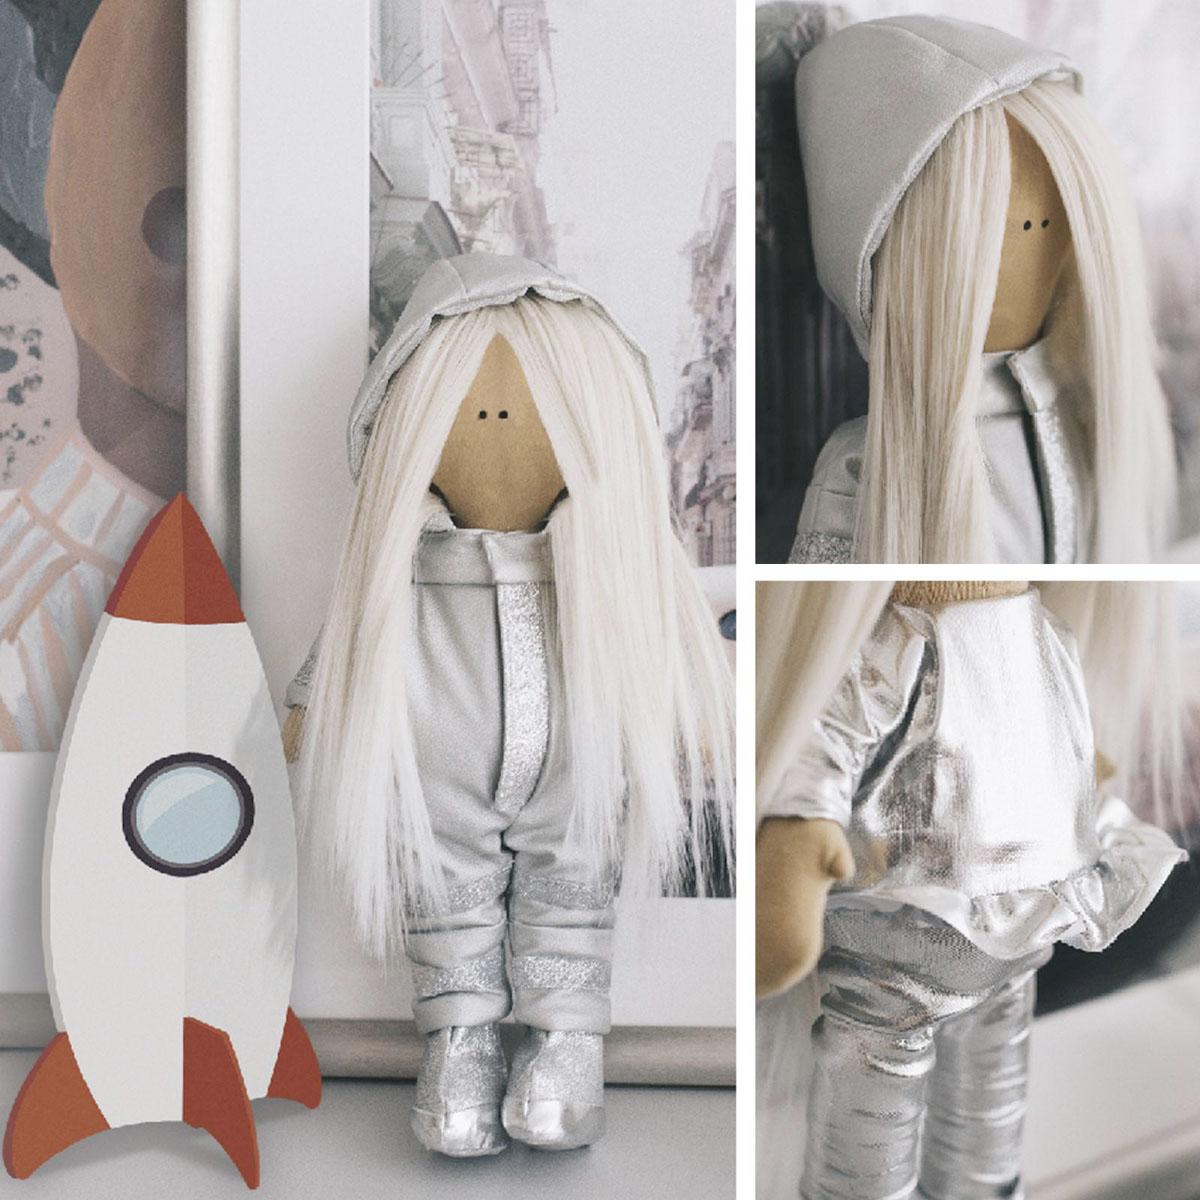 5470963 Интерьерная кукла 'Космонавт Дакота', набор для шитья 15,6*22,4*5,2 см